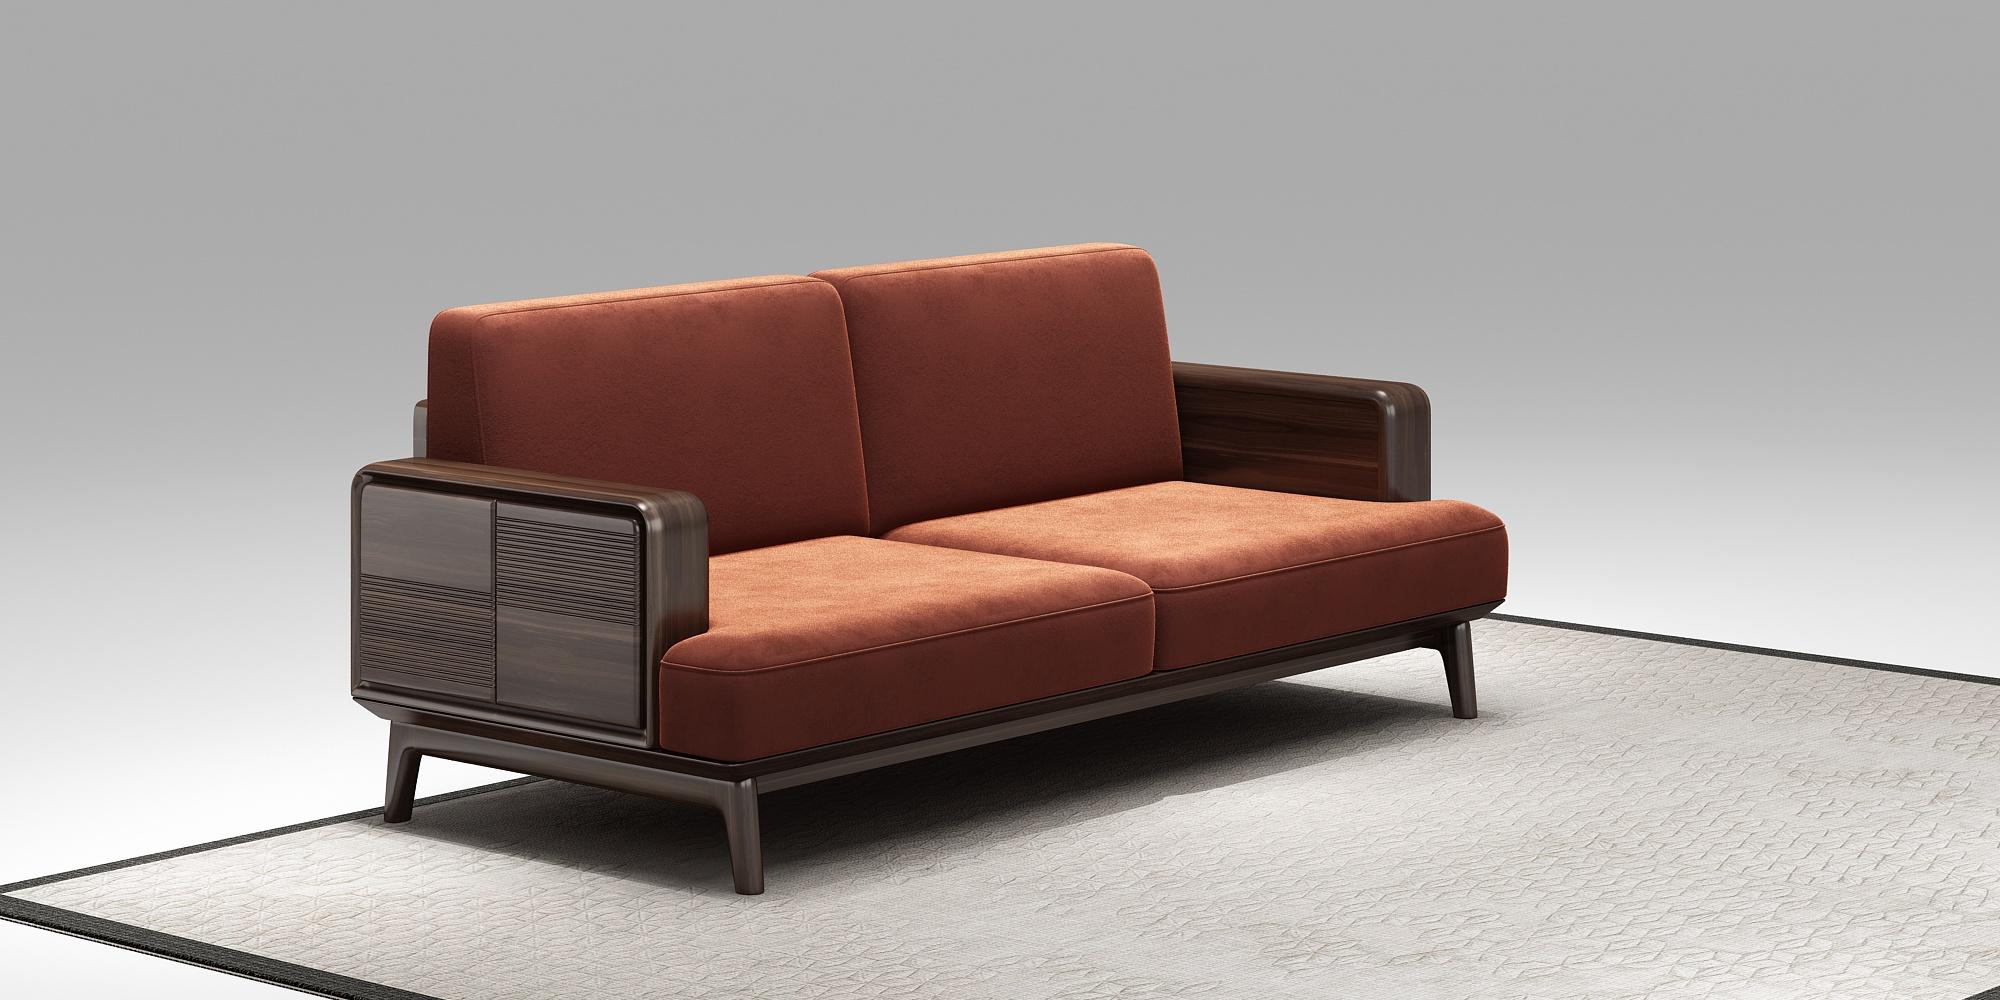 德玺系列沙发